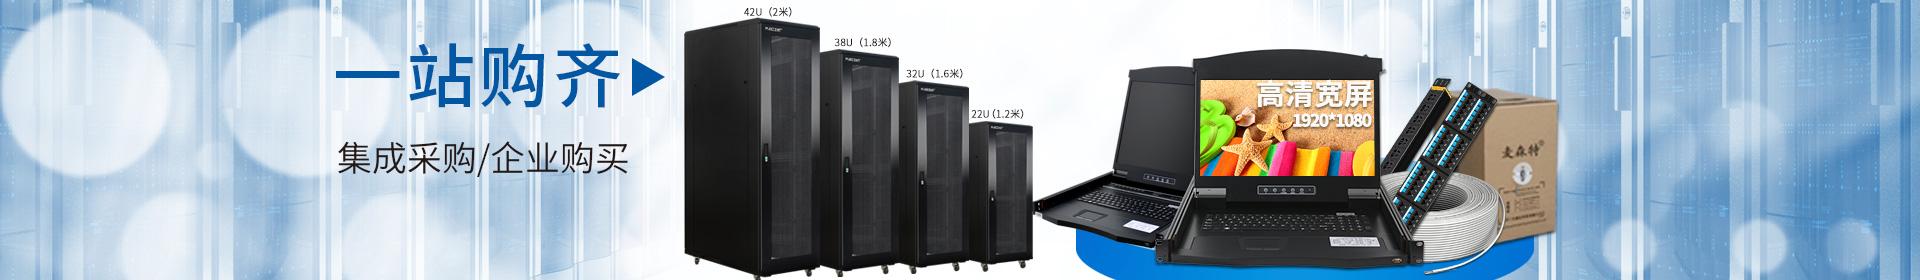 麦森特品牌集生产,研发,定制开发,售后服务于一体,一站式购齐kvm,机柜,pdu,综合布线